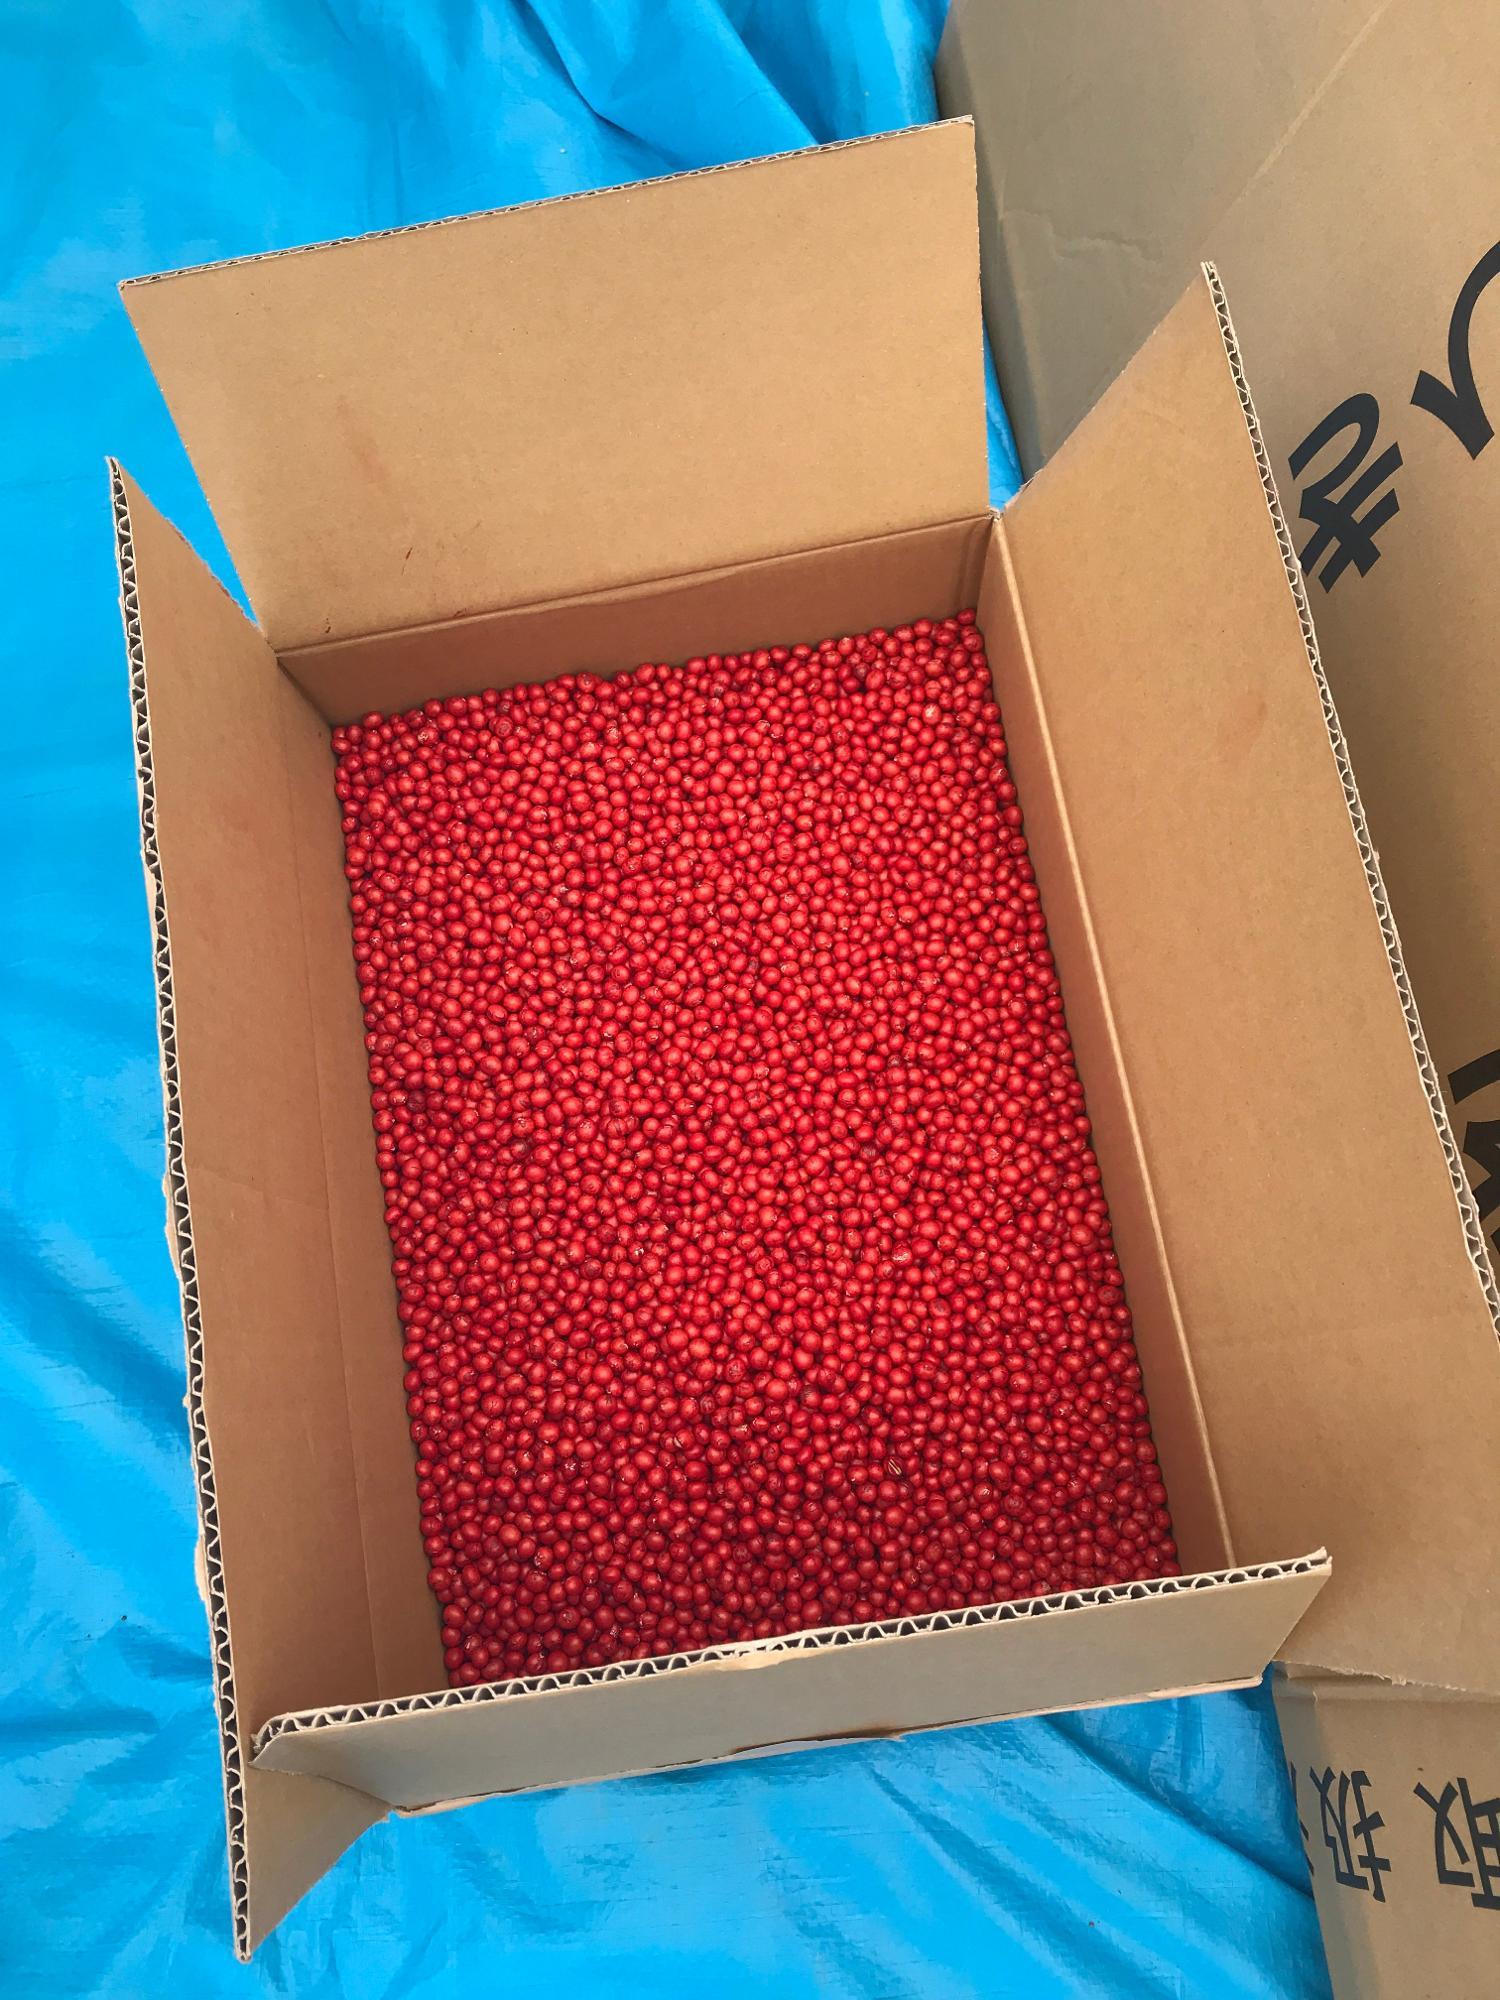 ダンボールいっぱいの津久井在来大豆。赤く着色しているのは外敵から守るため。